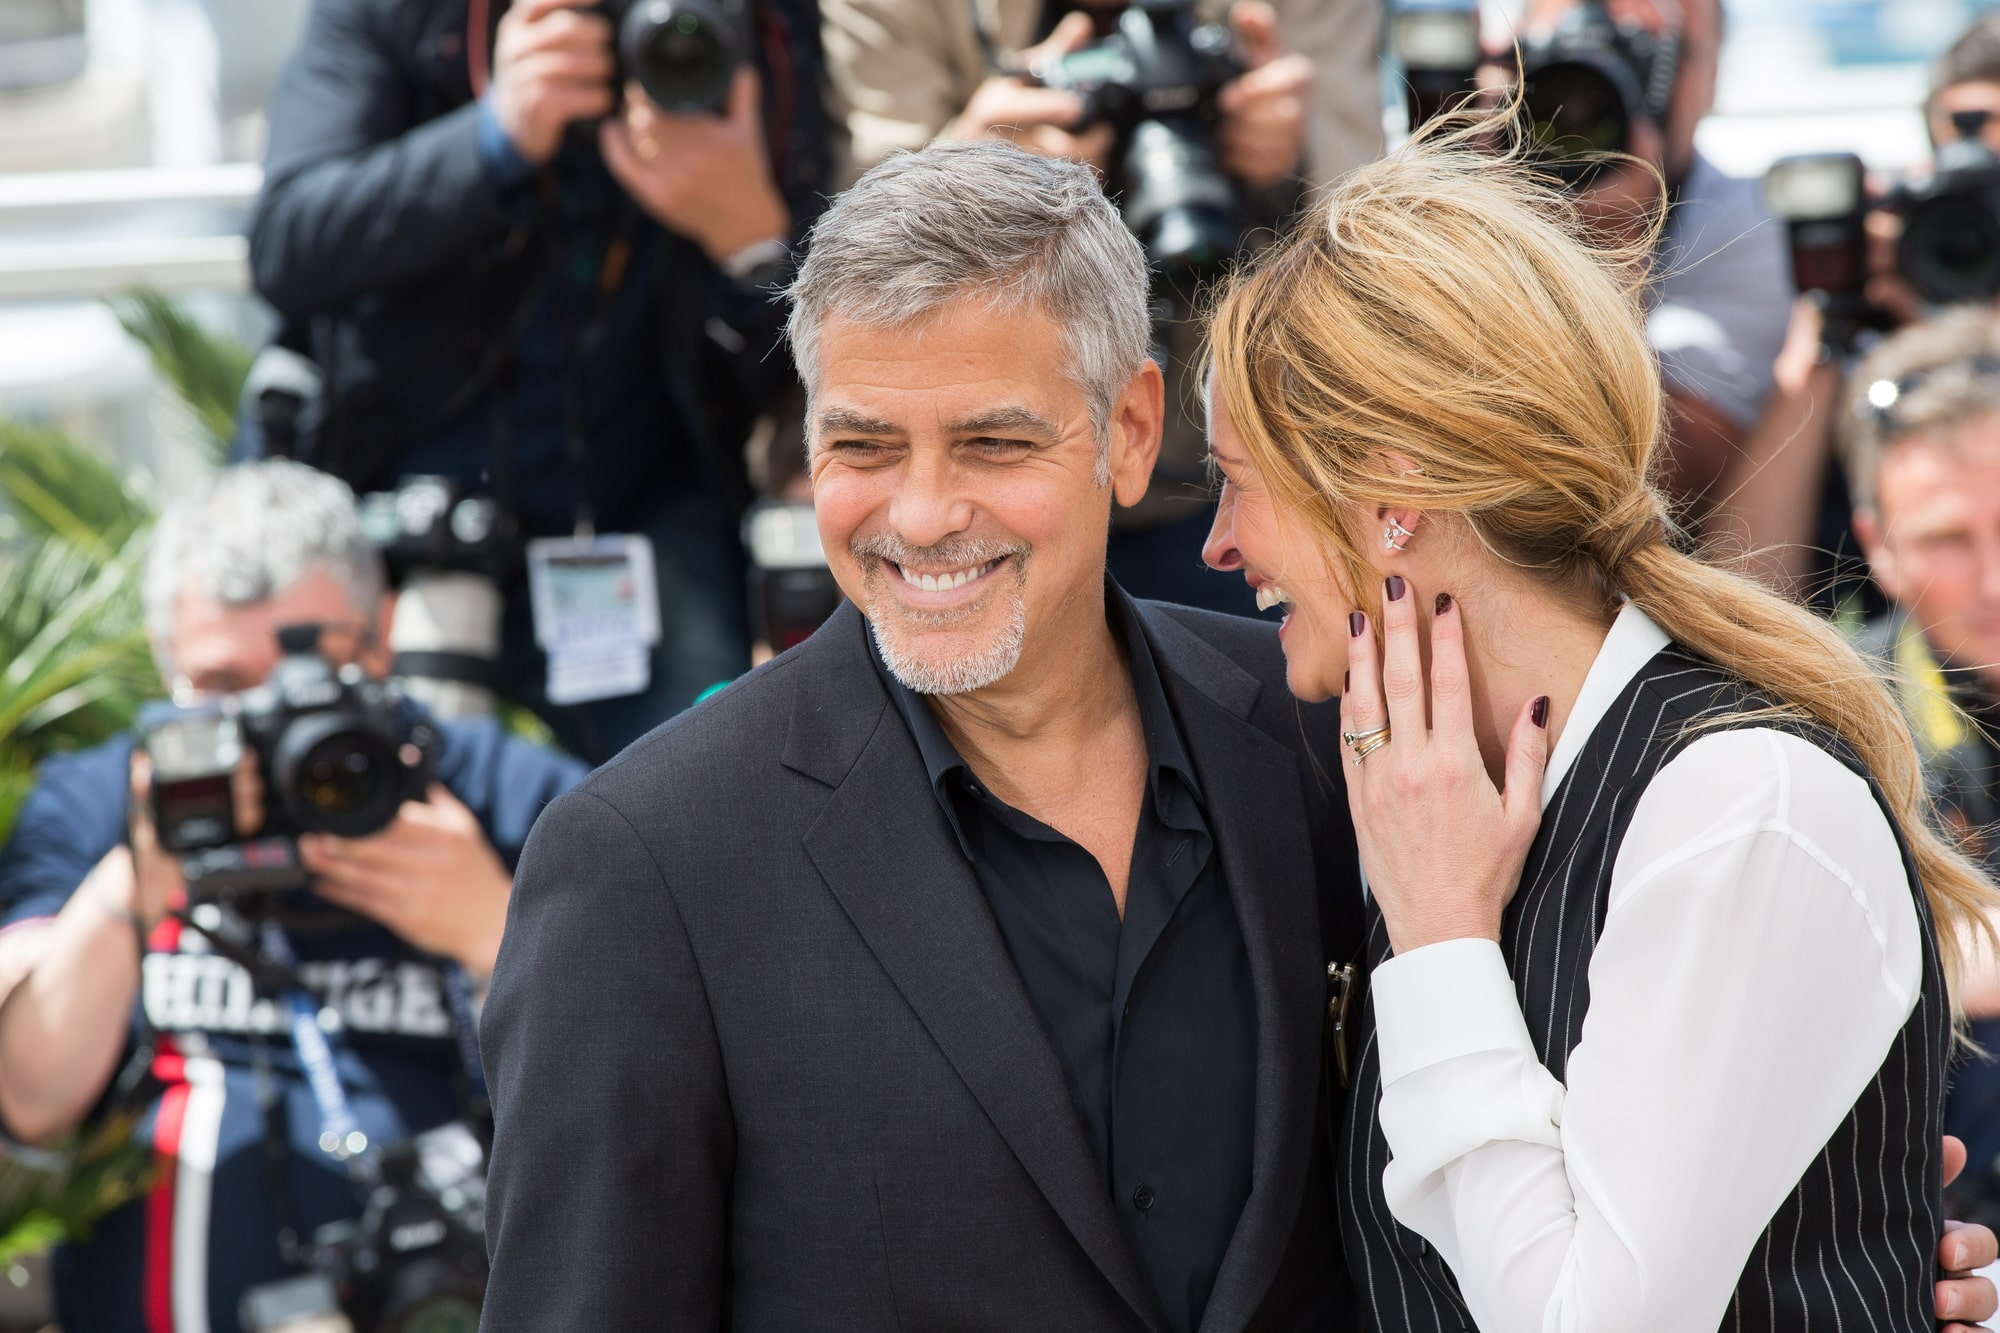 Джордж Клуни и Джулия Робертс снимутся вместе в новом фильме